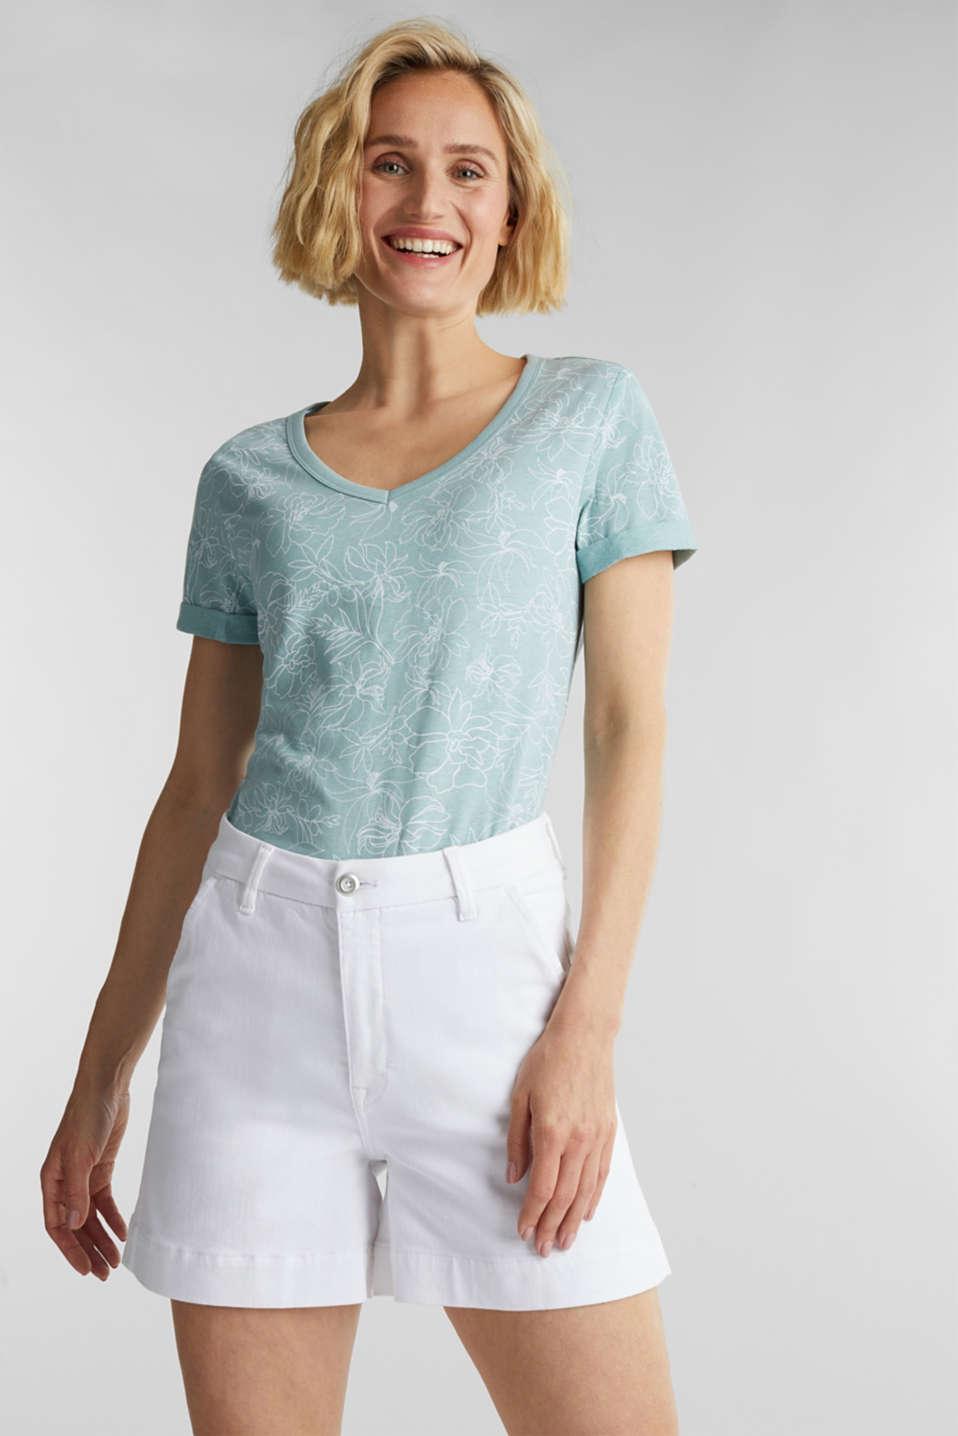 Blended linen V-neck top with a print, LIGHT AQUA GREEN 4, detail image number 0